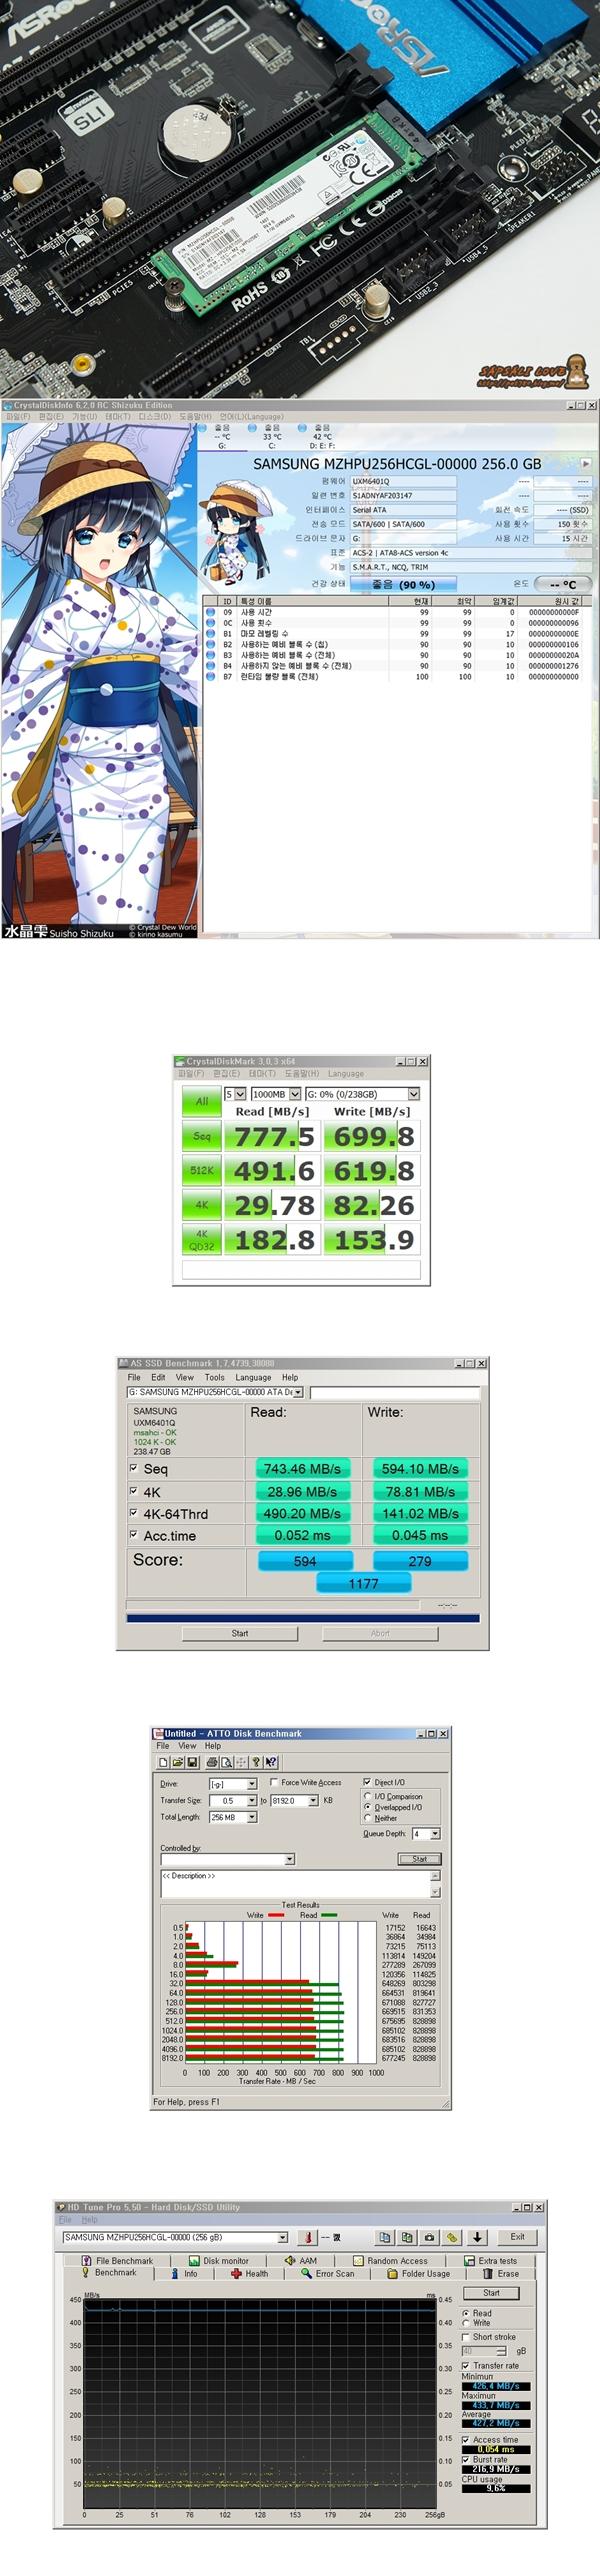 ASRock Z97 Extreme4 M2-테스트 .jpg